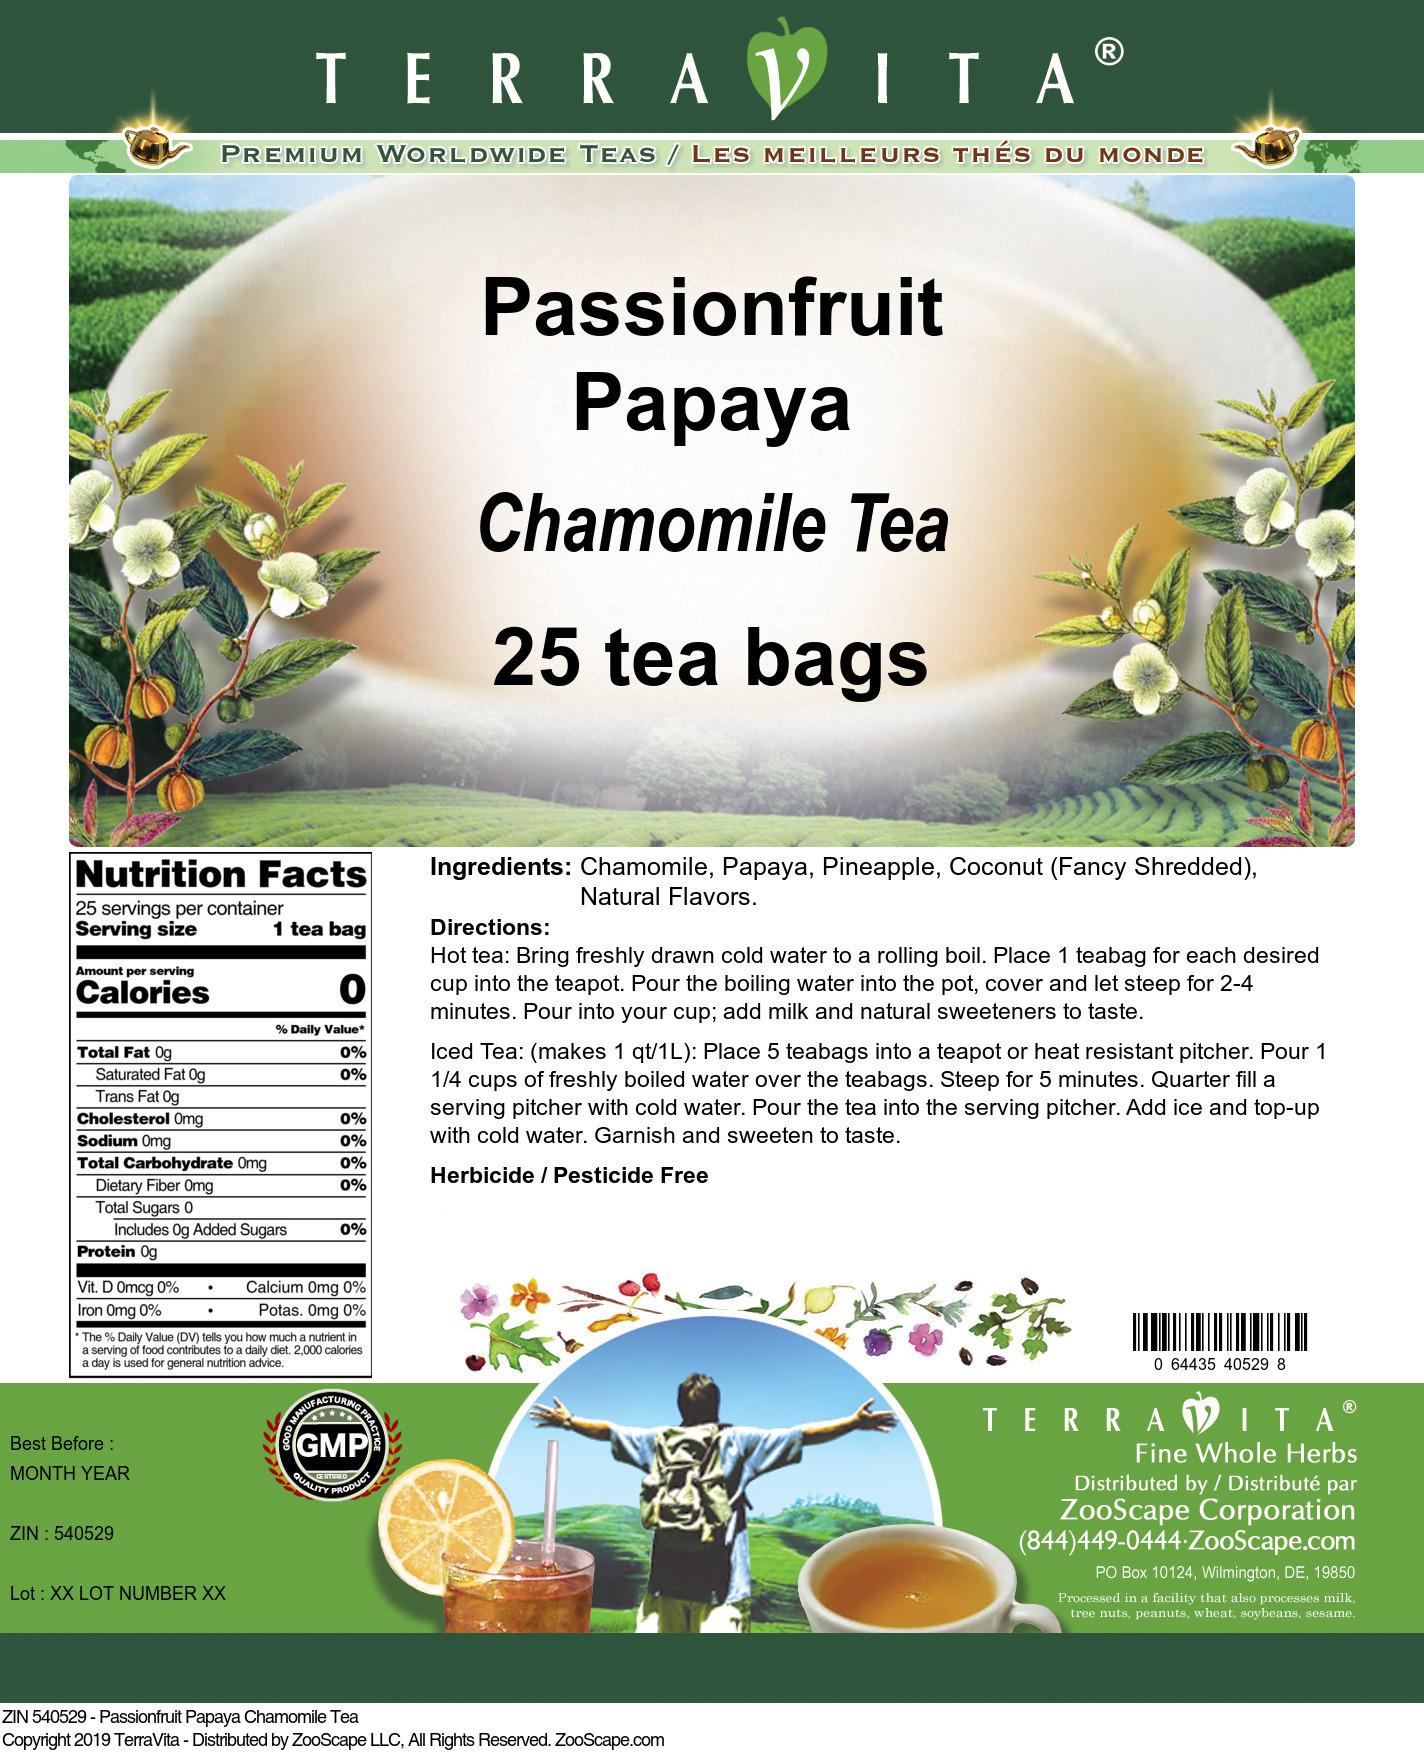 Passionfruit Papaya Chamomile Tea